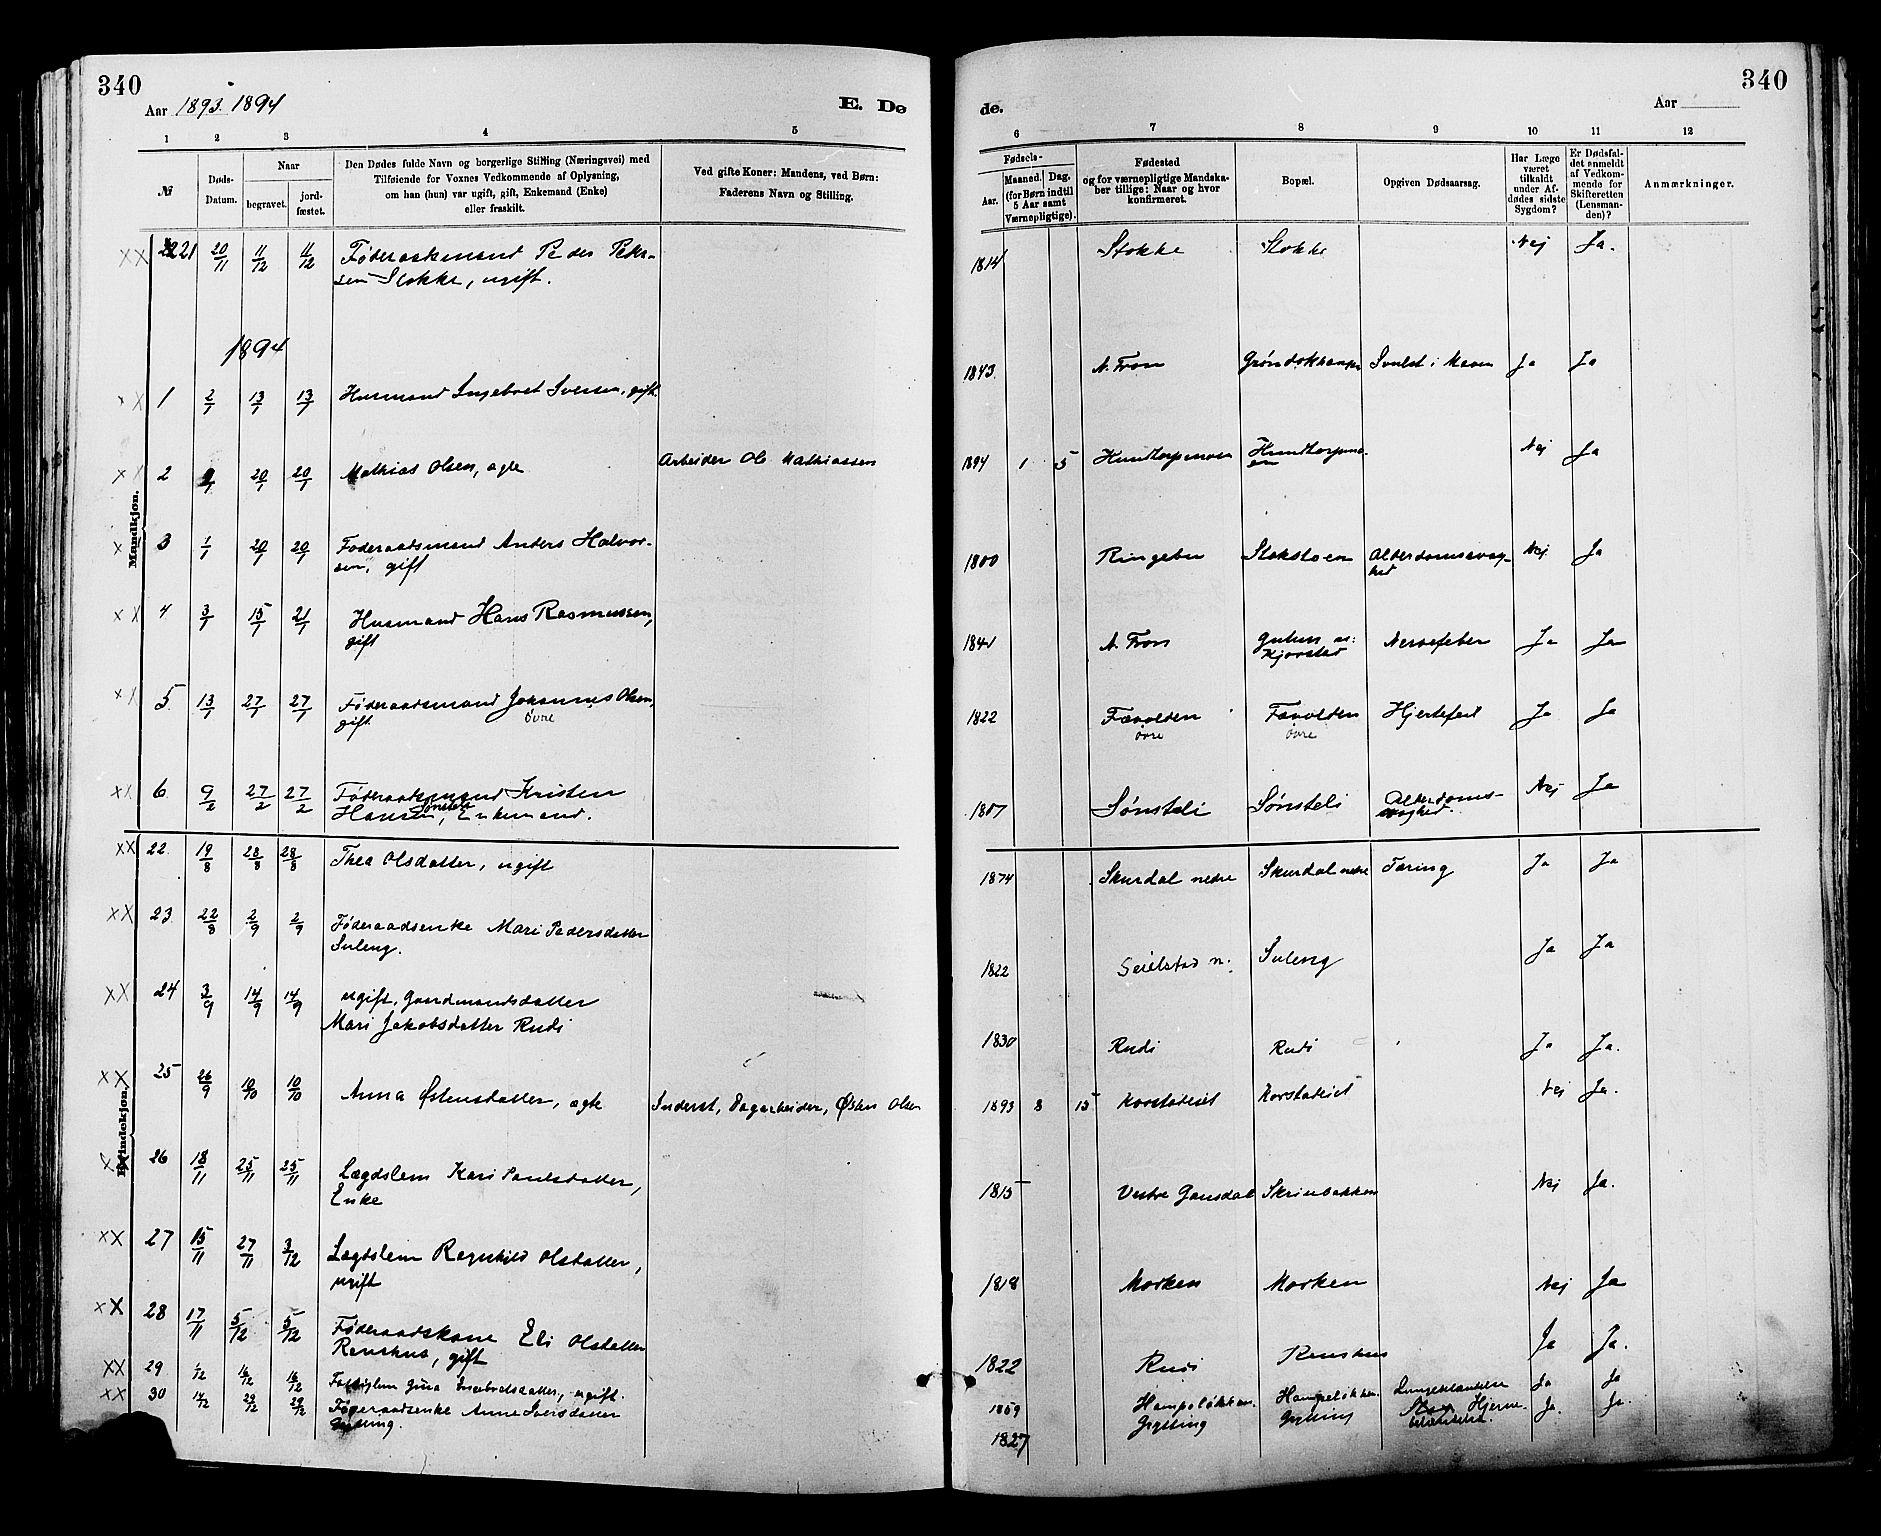 SAH, Sør-Fron prestekontor, H/Ha/Haa/L0003: Ministerialbok nr. 3, 1881-1897, s. 340